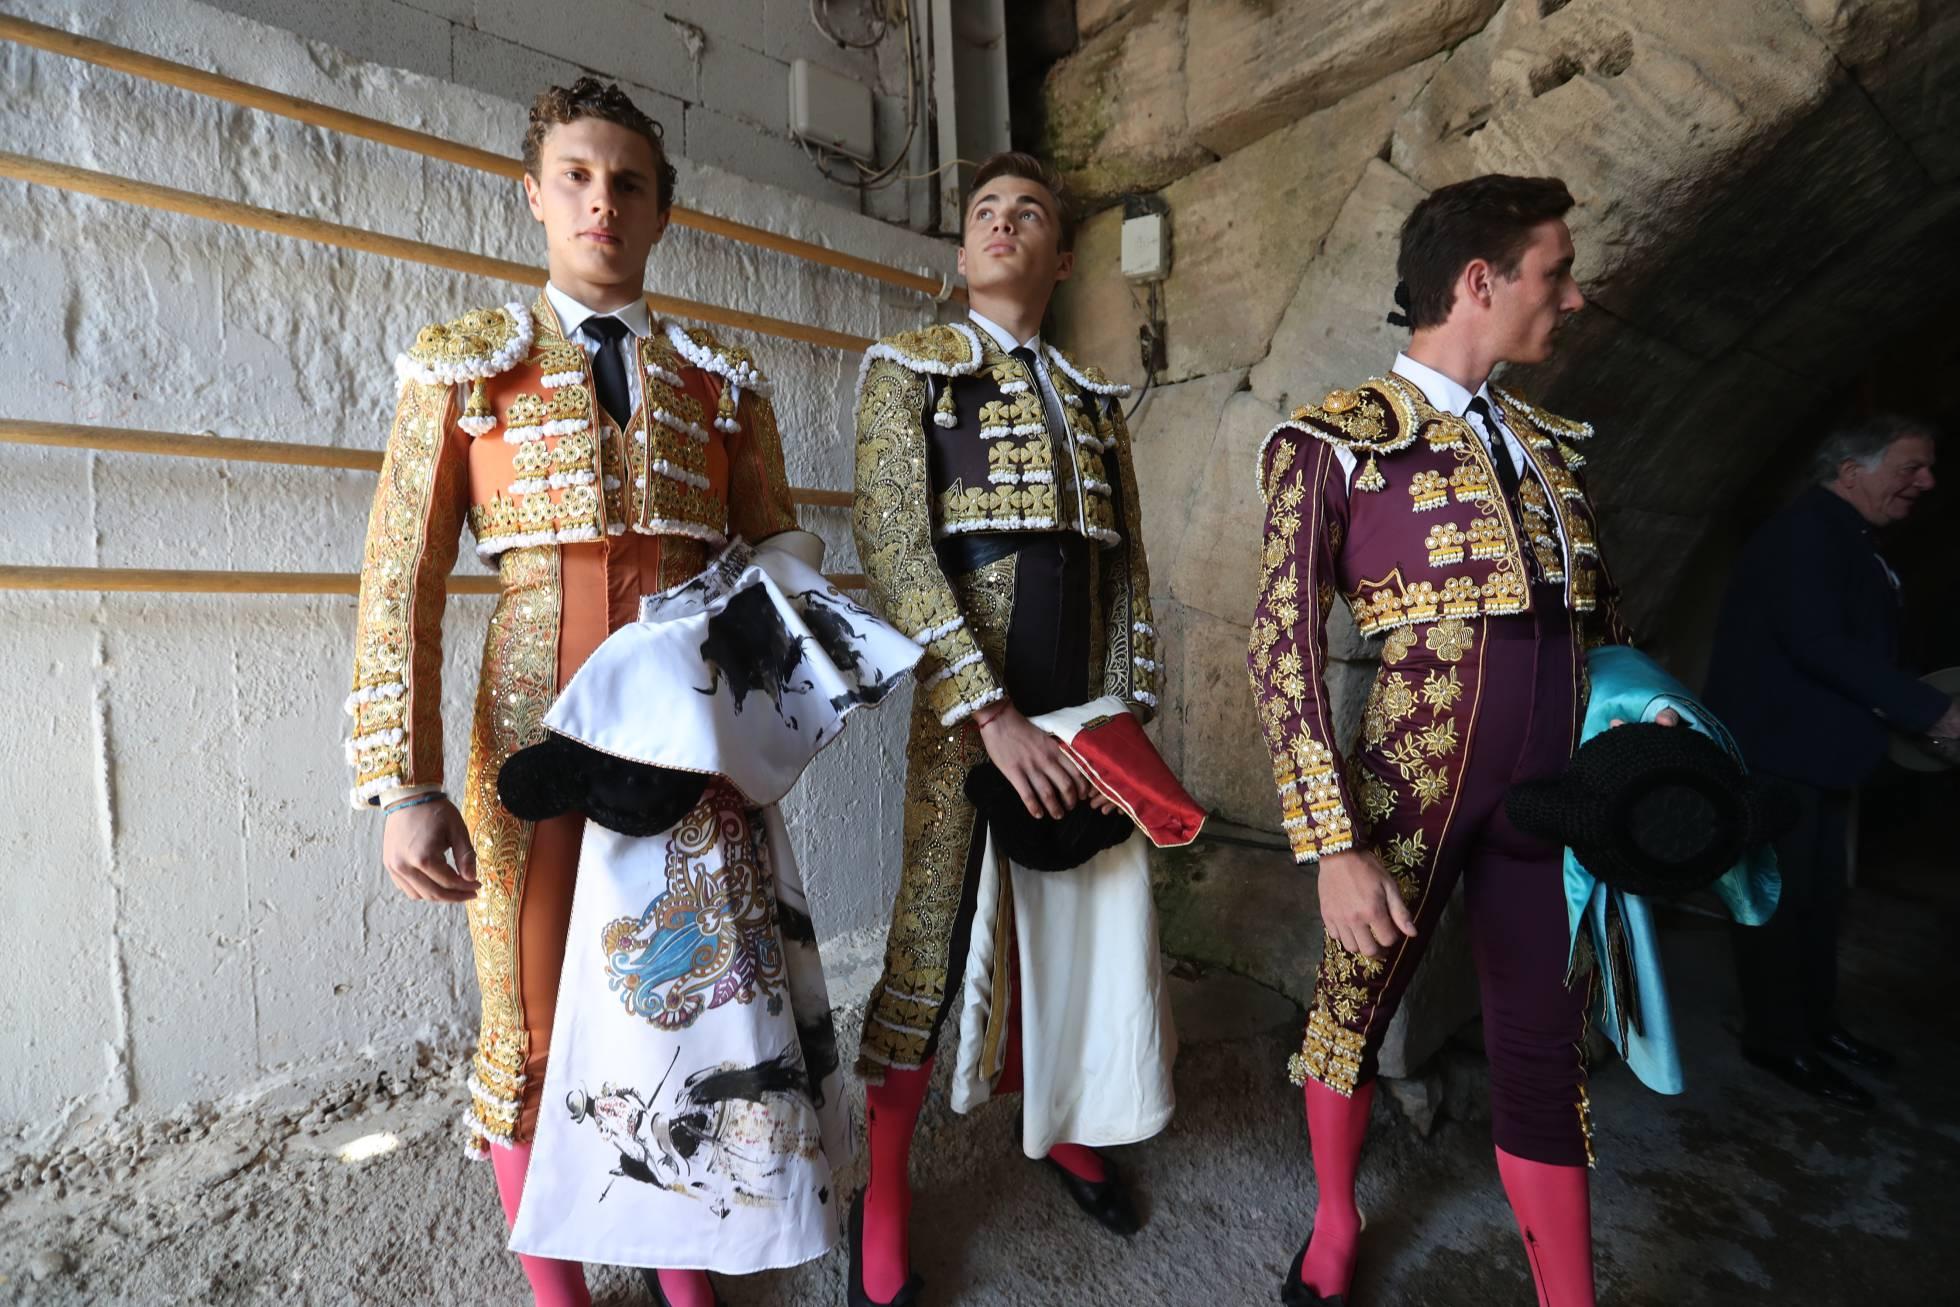 FOTOGALERÍA. Desde la izquierda, los toreros Adrien Salenc, Andy Younes y Tibo García en el anfiteatro de Arles.